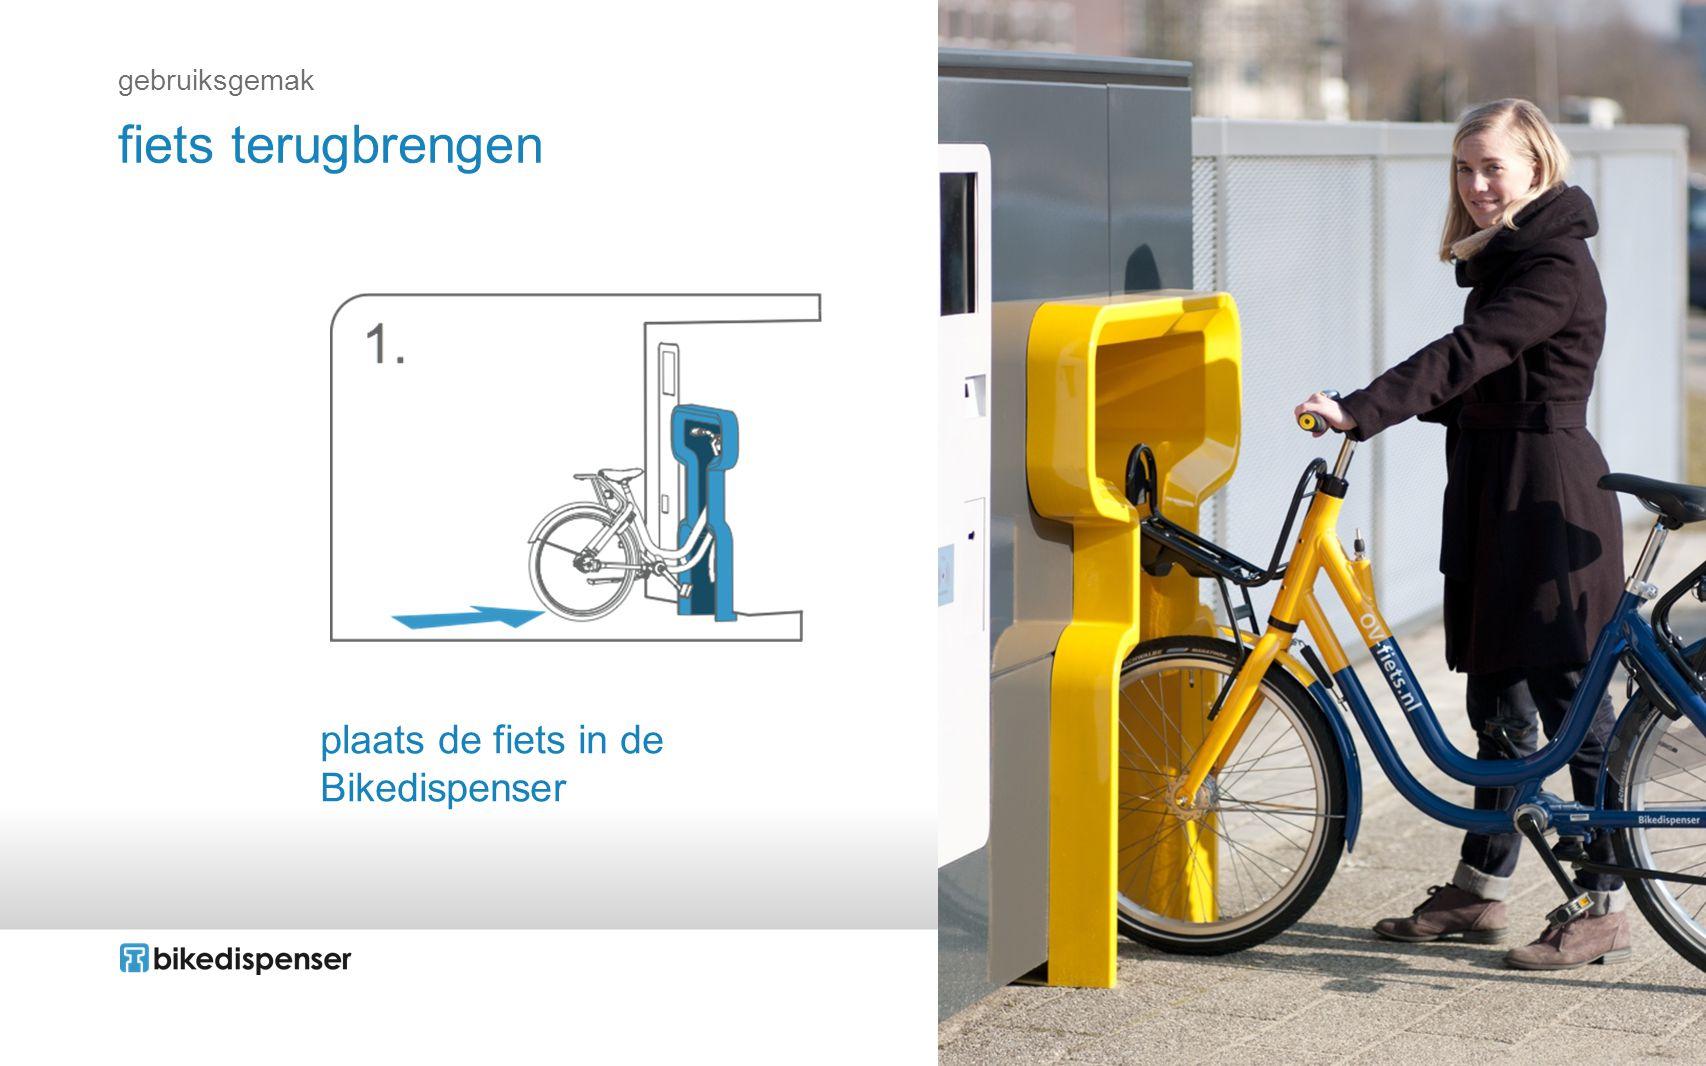 gebruiksgemak fiets terugbrengen plaats de fiets in de Bikedispenser